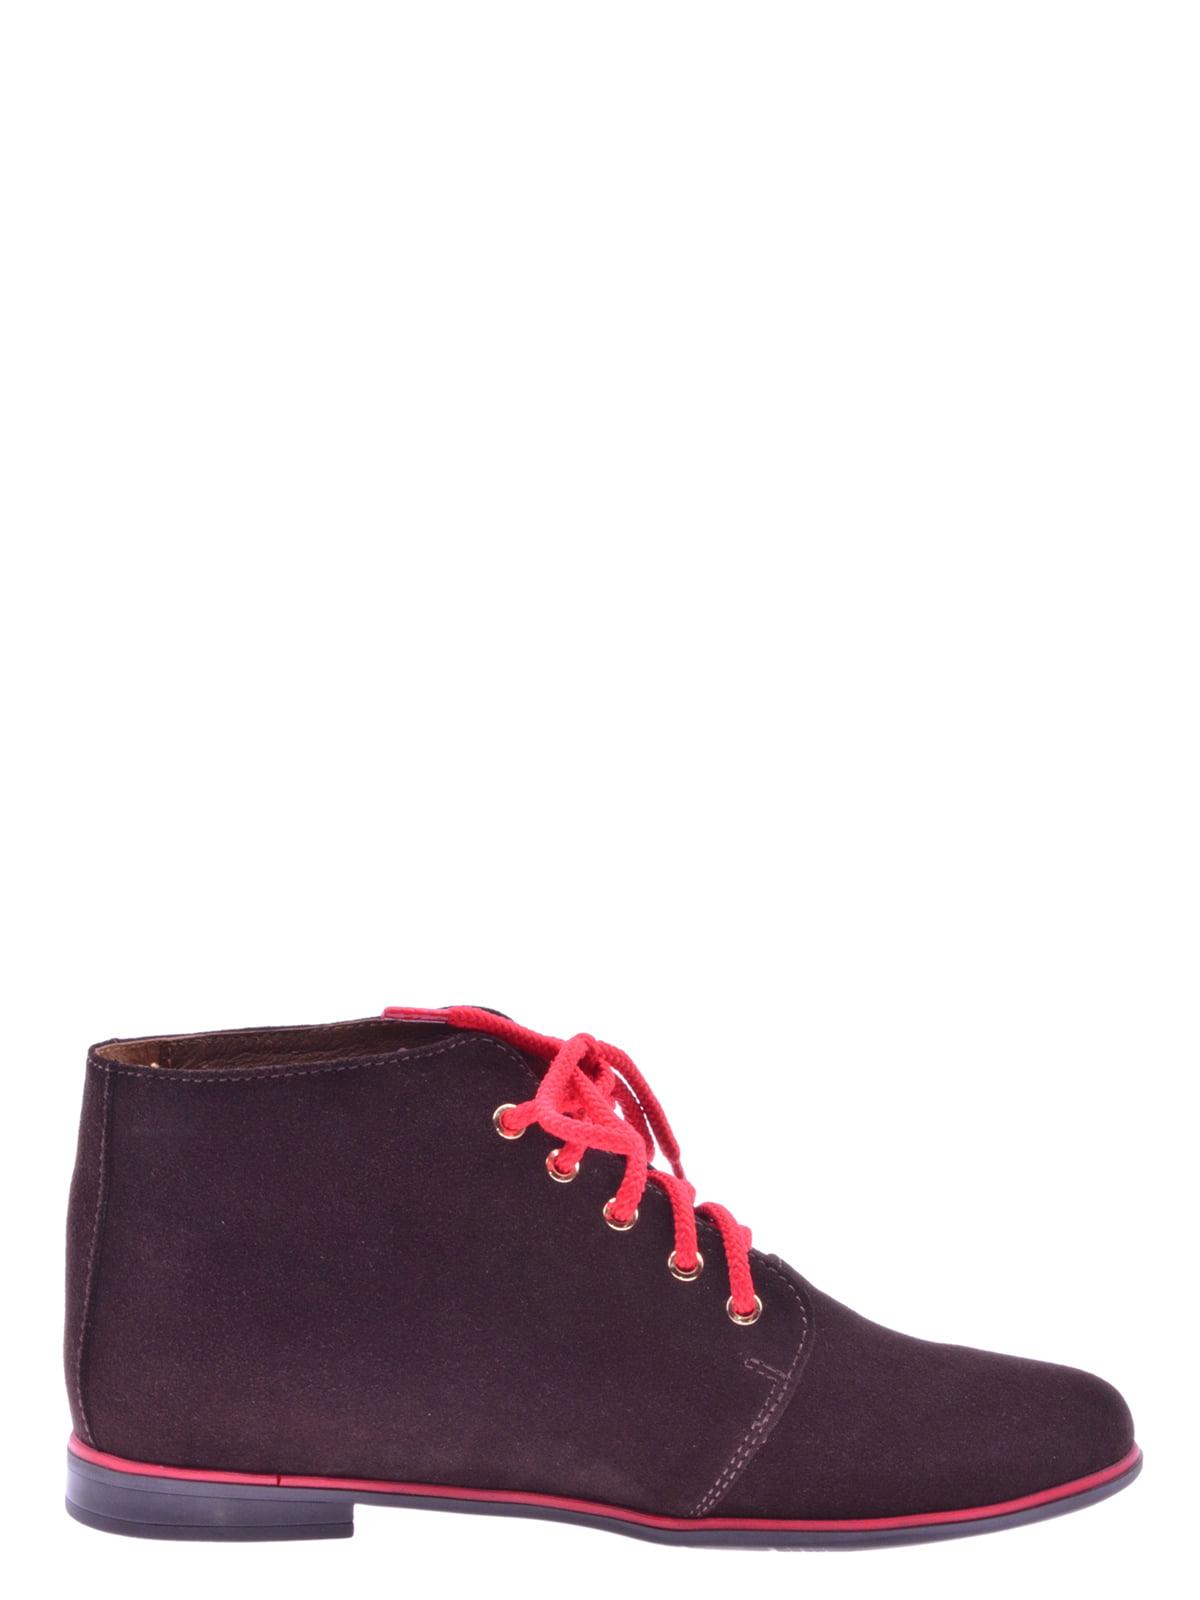 Ботинки коричневые | 4586949 | фото 4